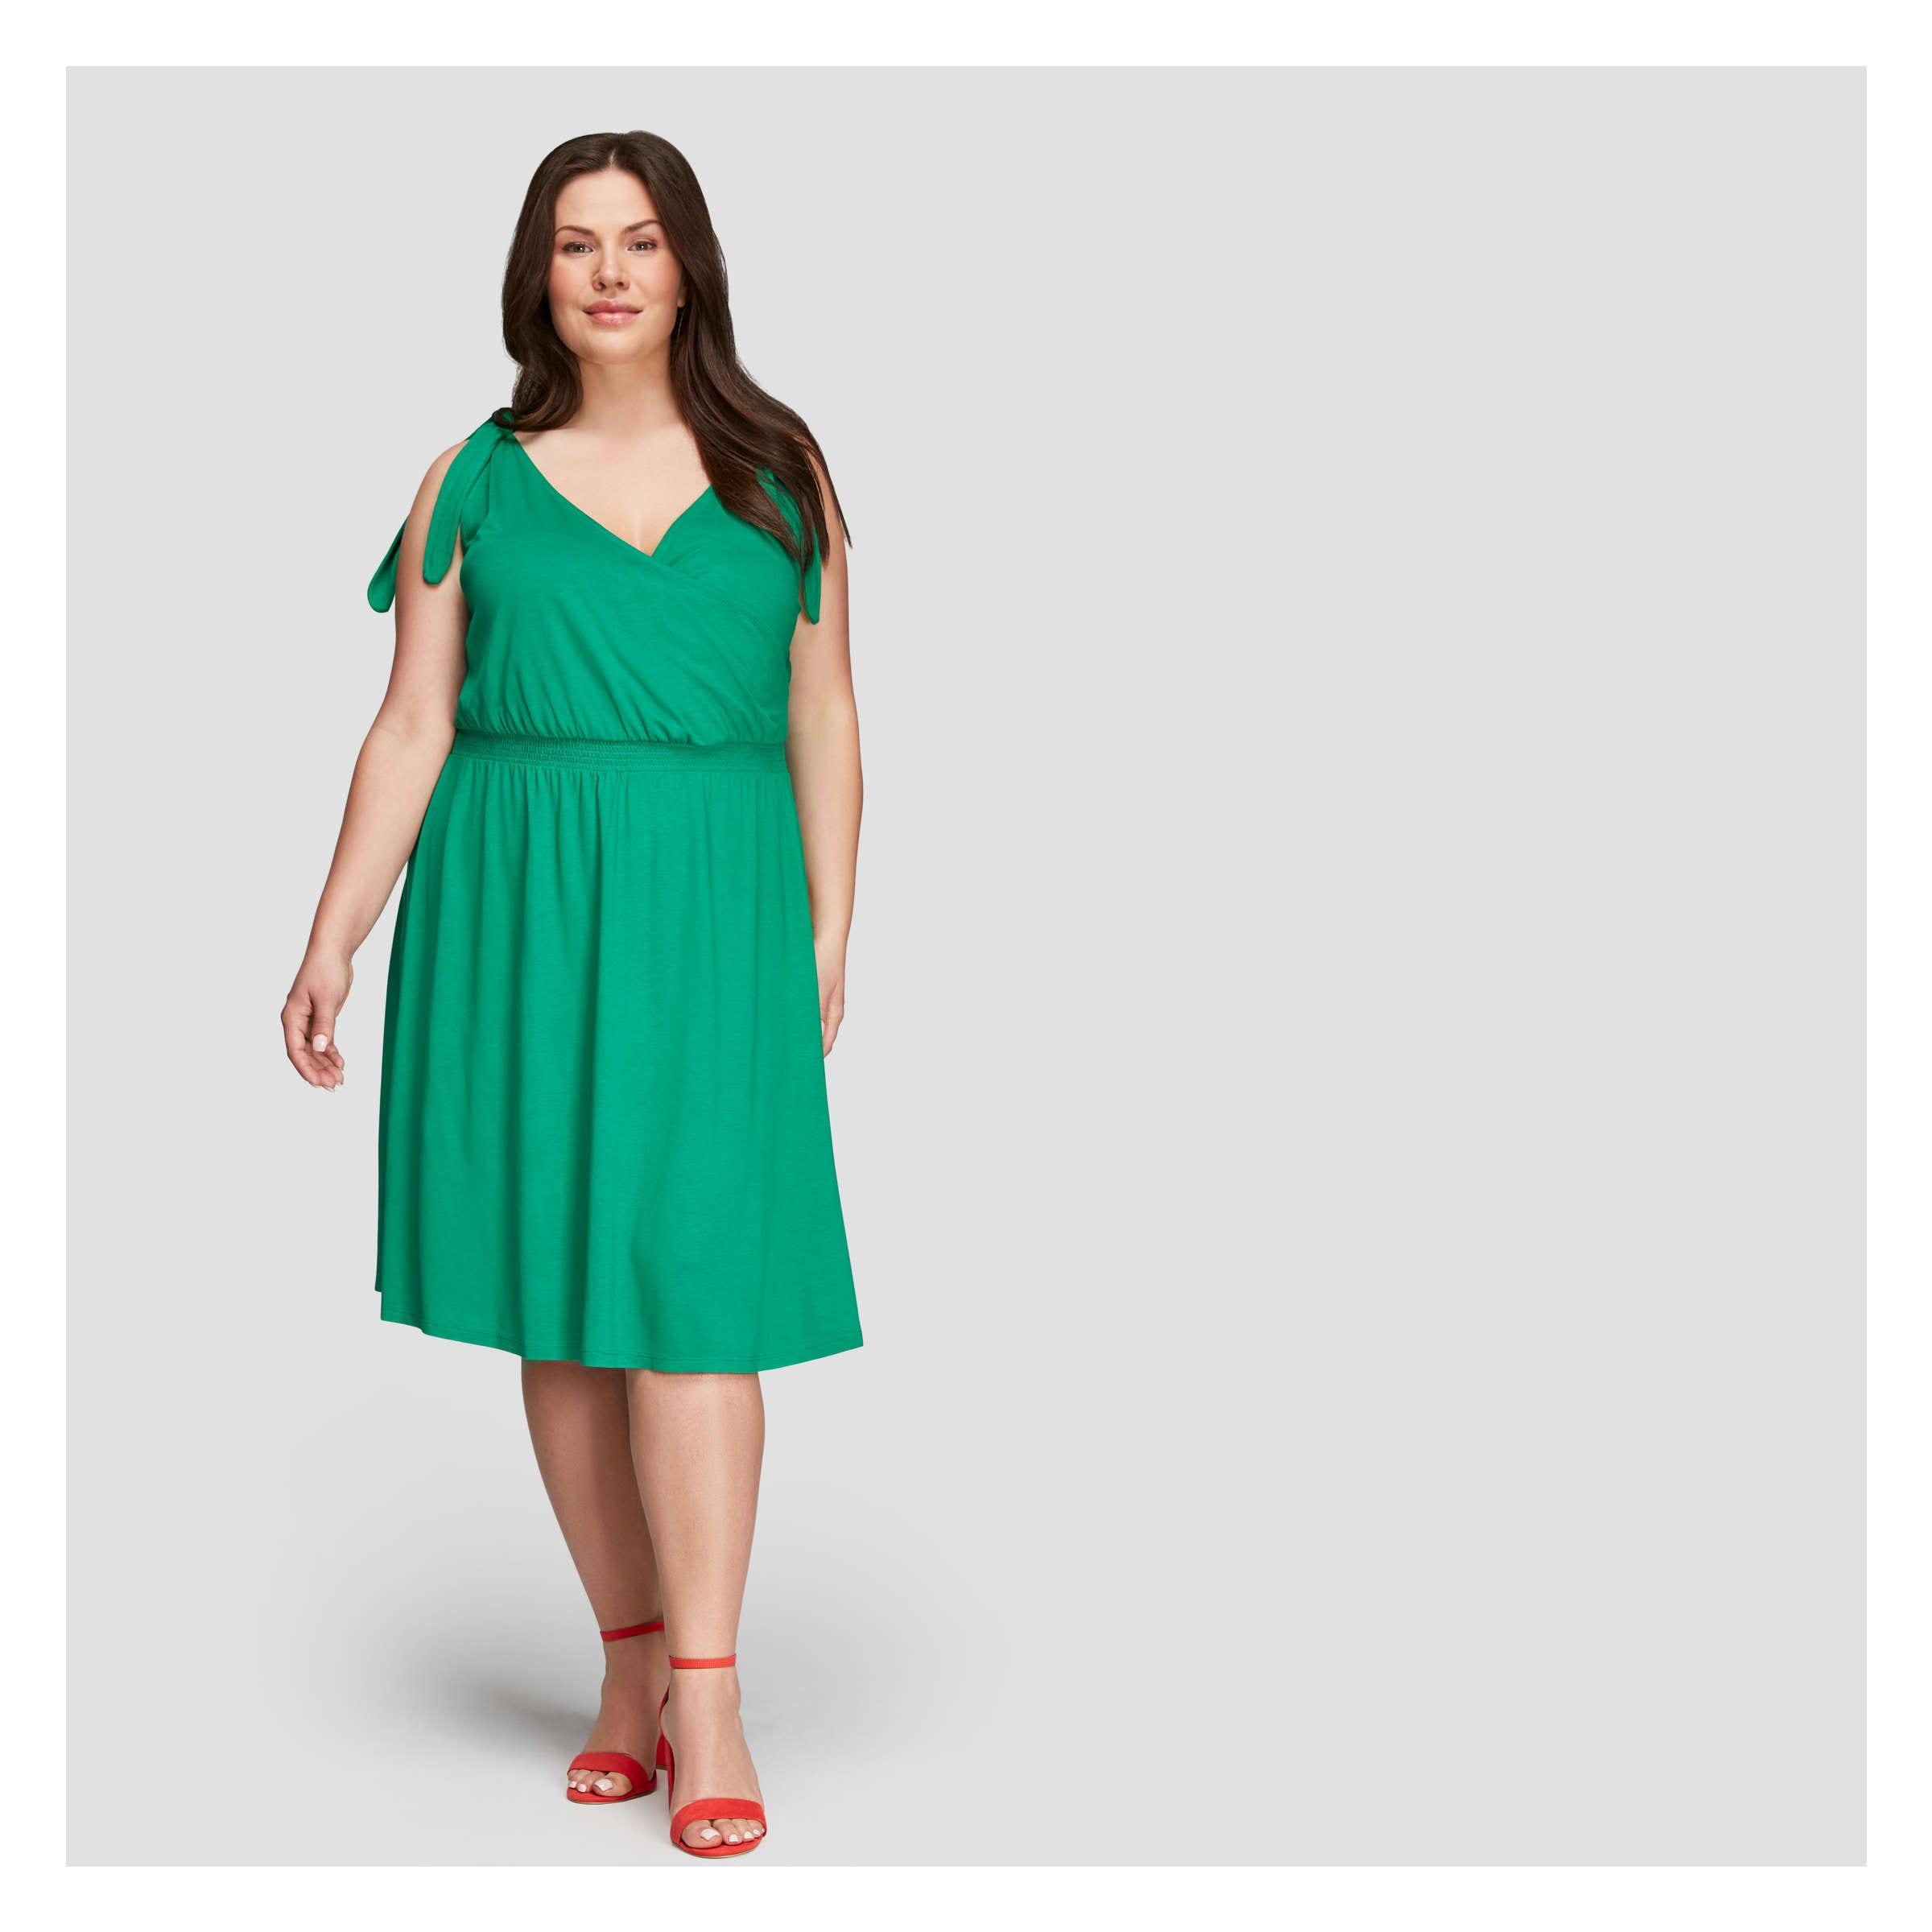 0dfdbadcc5ed Women+ Tie Shoulder Dress in Grass Green from Joe Fresh